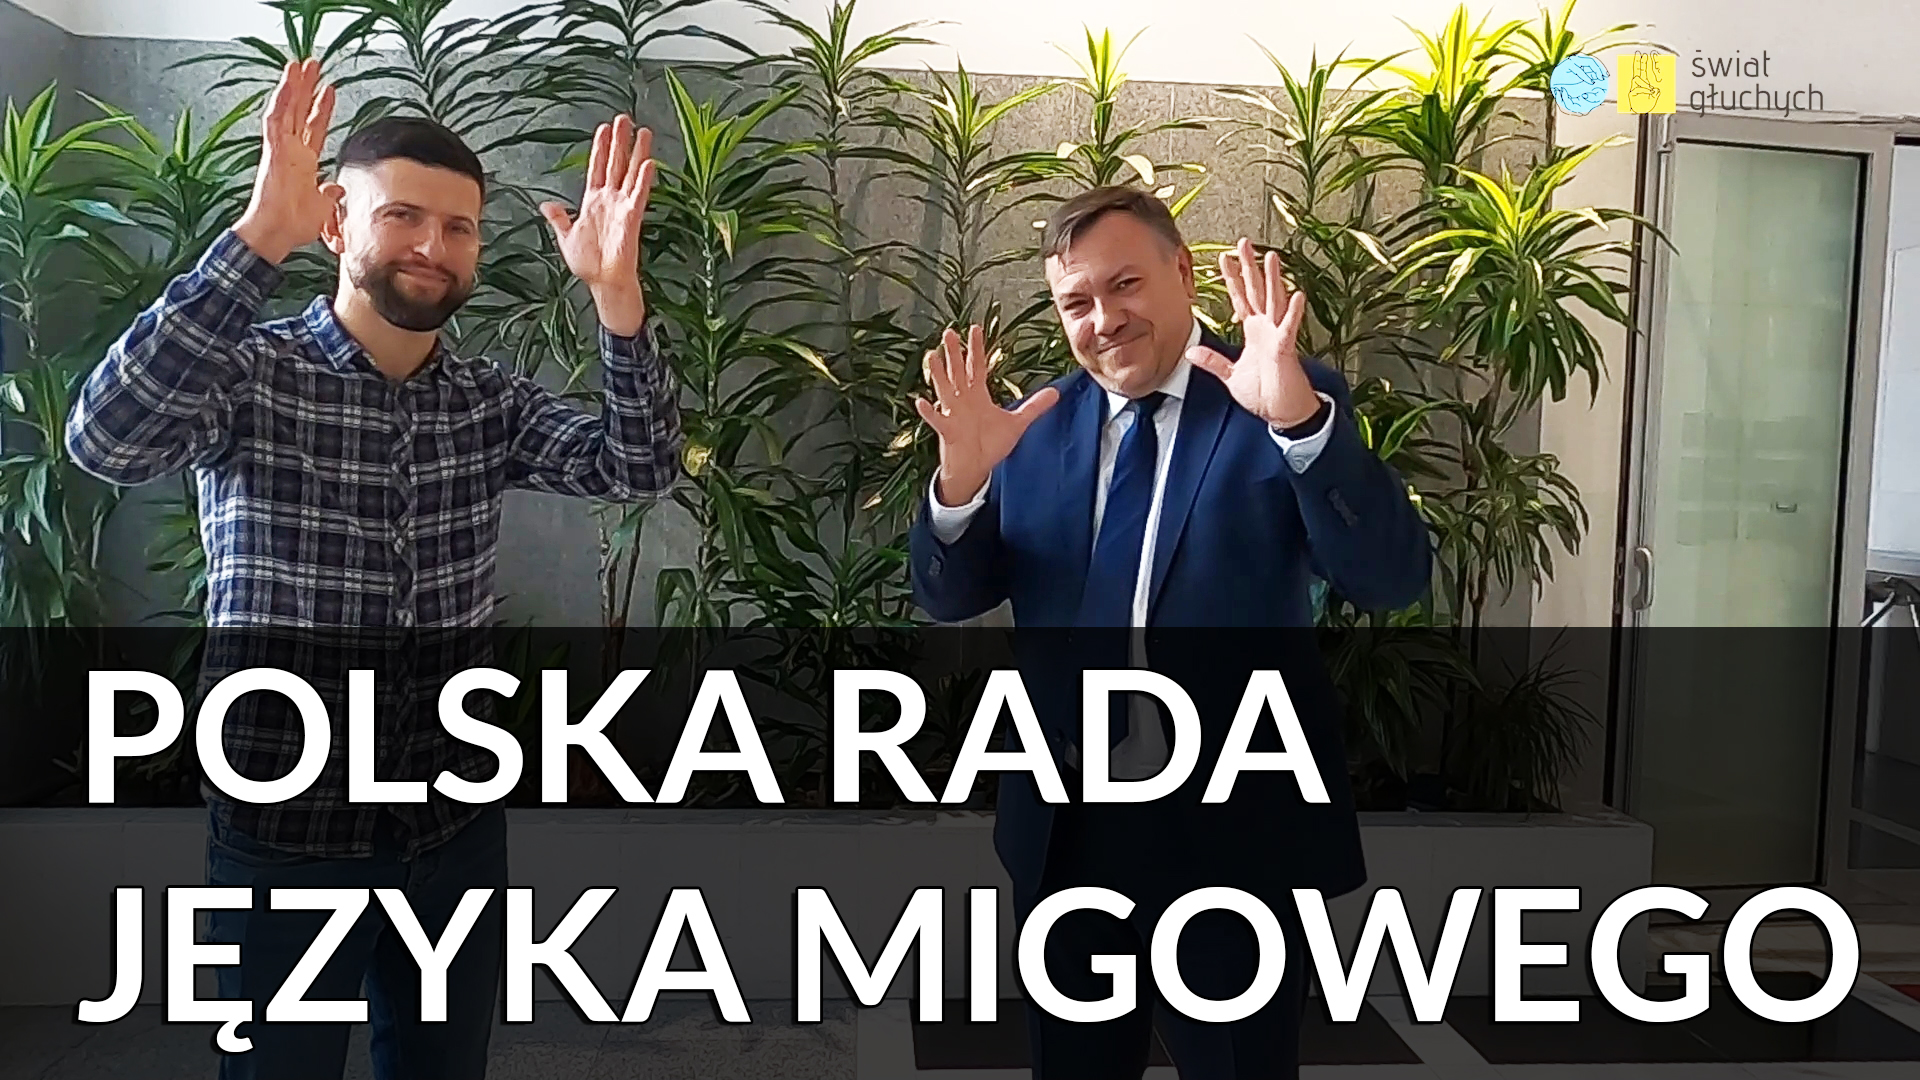 Zdjęcie swóch usmiechniętych mężczyzn machajacych do kamery. Po lewej Maciej Joniuk (Świat Głuchych), po prawej Adam Stromidło (PZG Oddział Małopolski). Poniżej podpisL Polska Rada Języka Migowego.